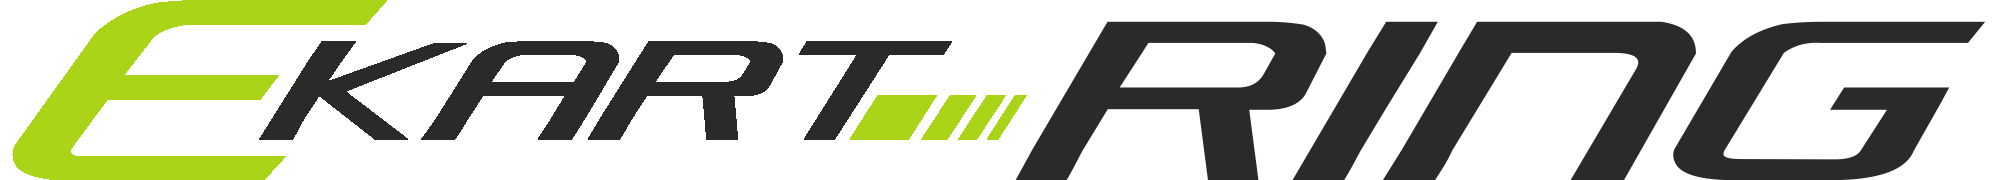 E-Kart Ring Gokartpálya és Szabadidőközpont